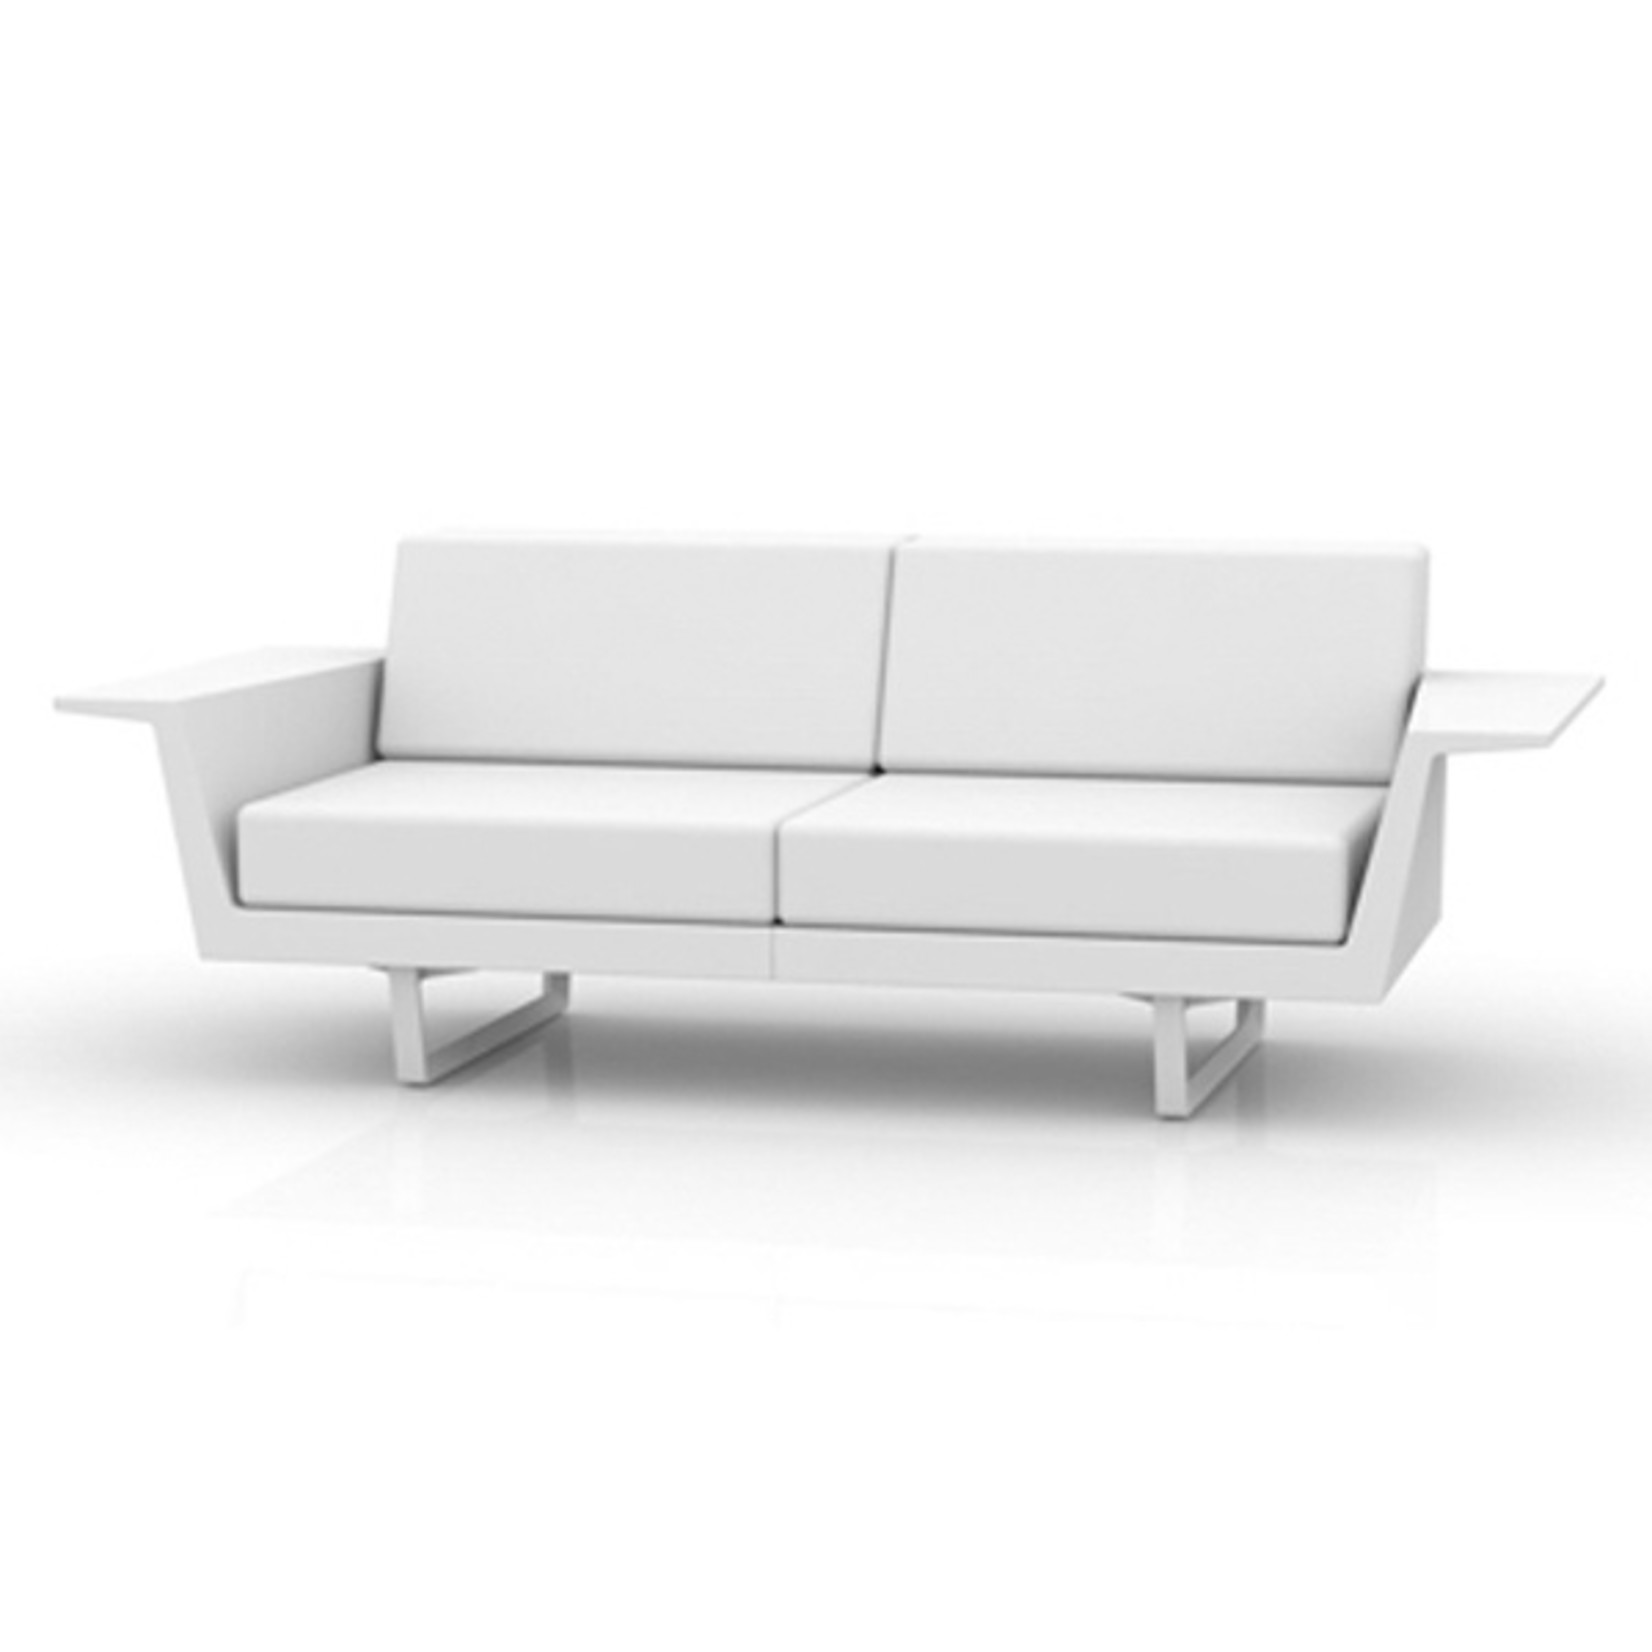 Vondom DELTA Sofa 2 seat